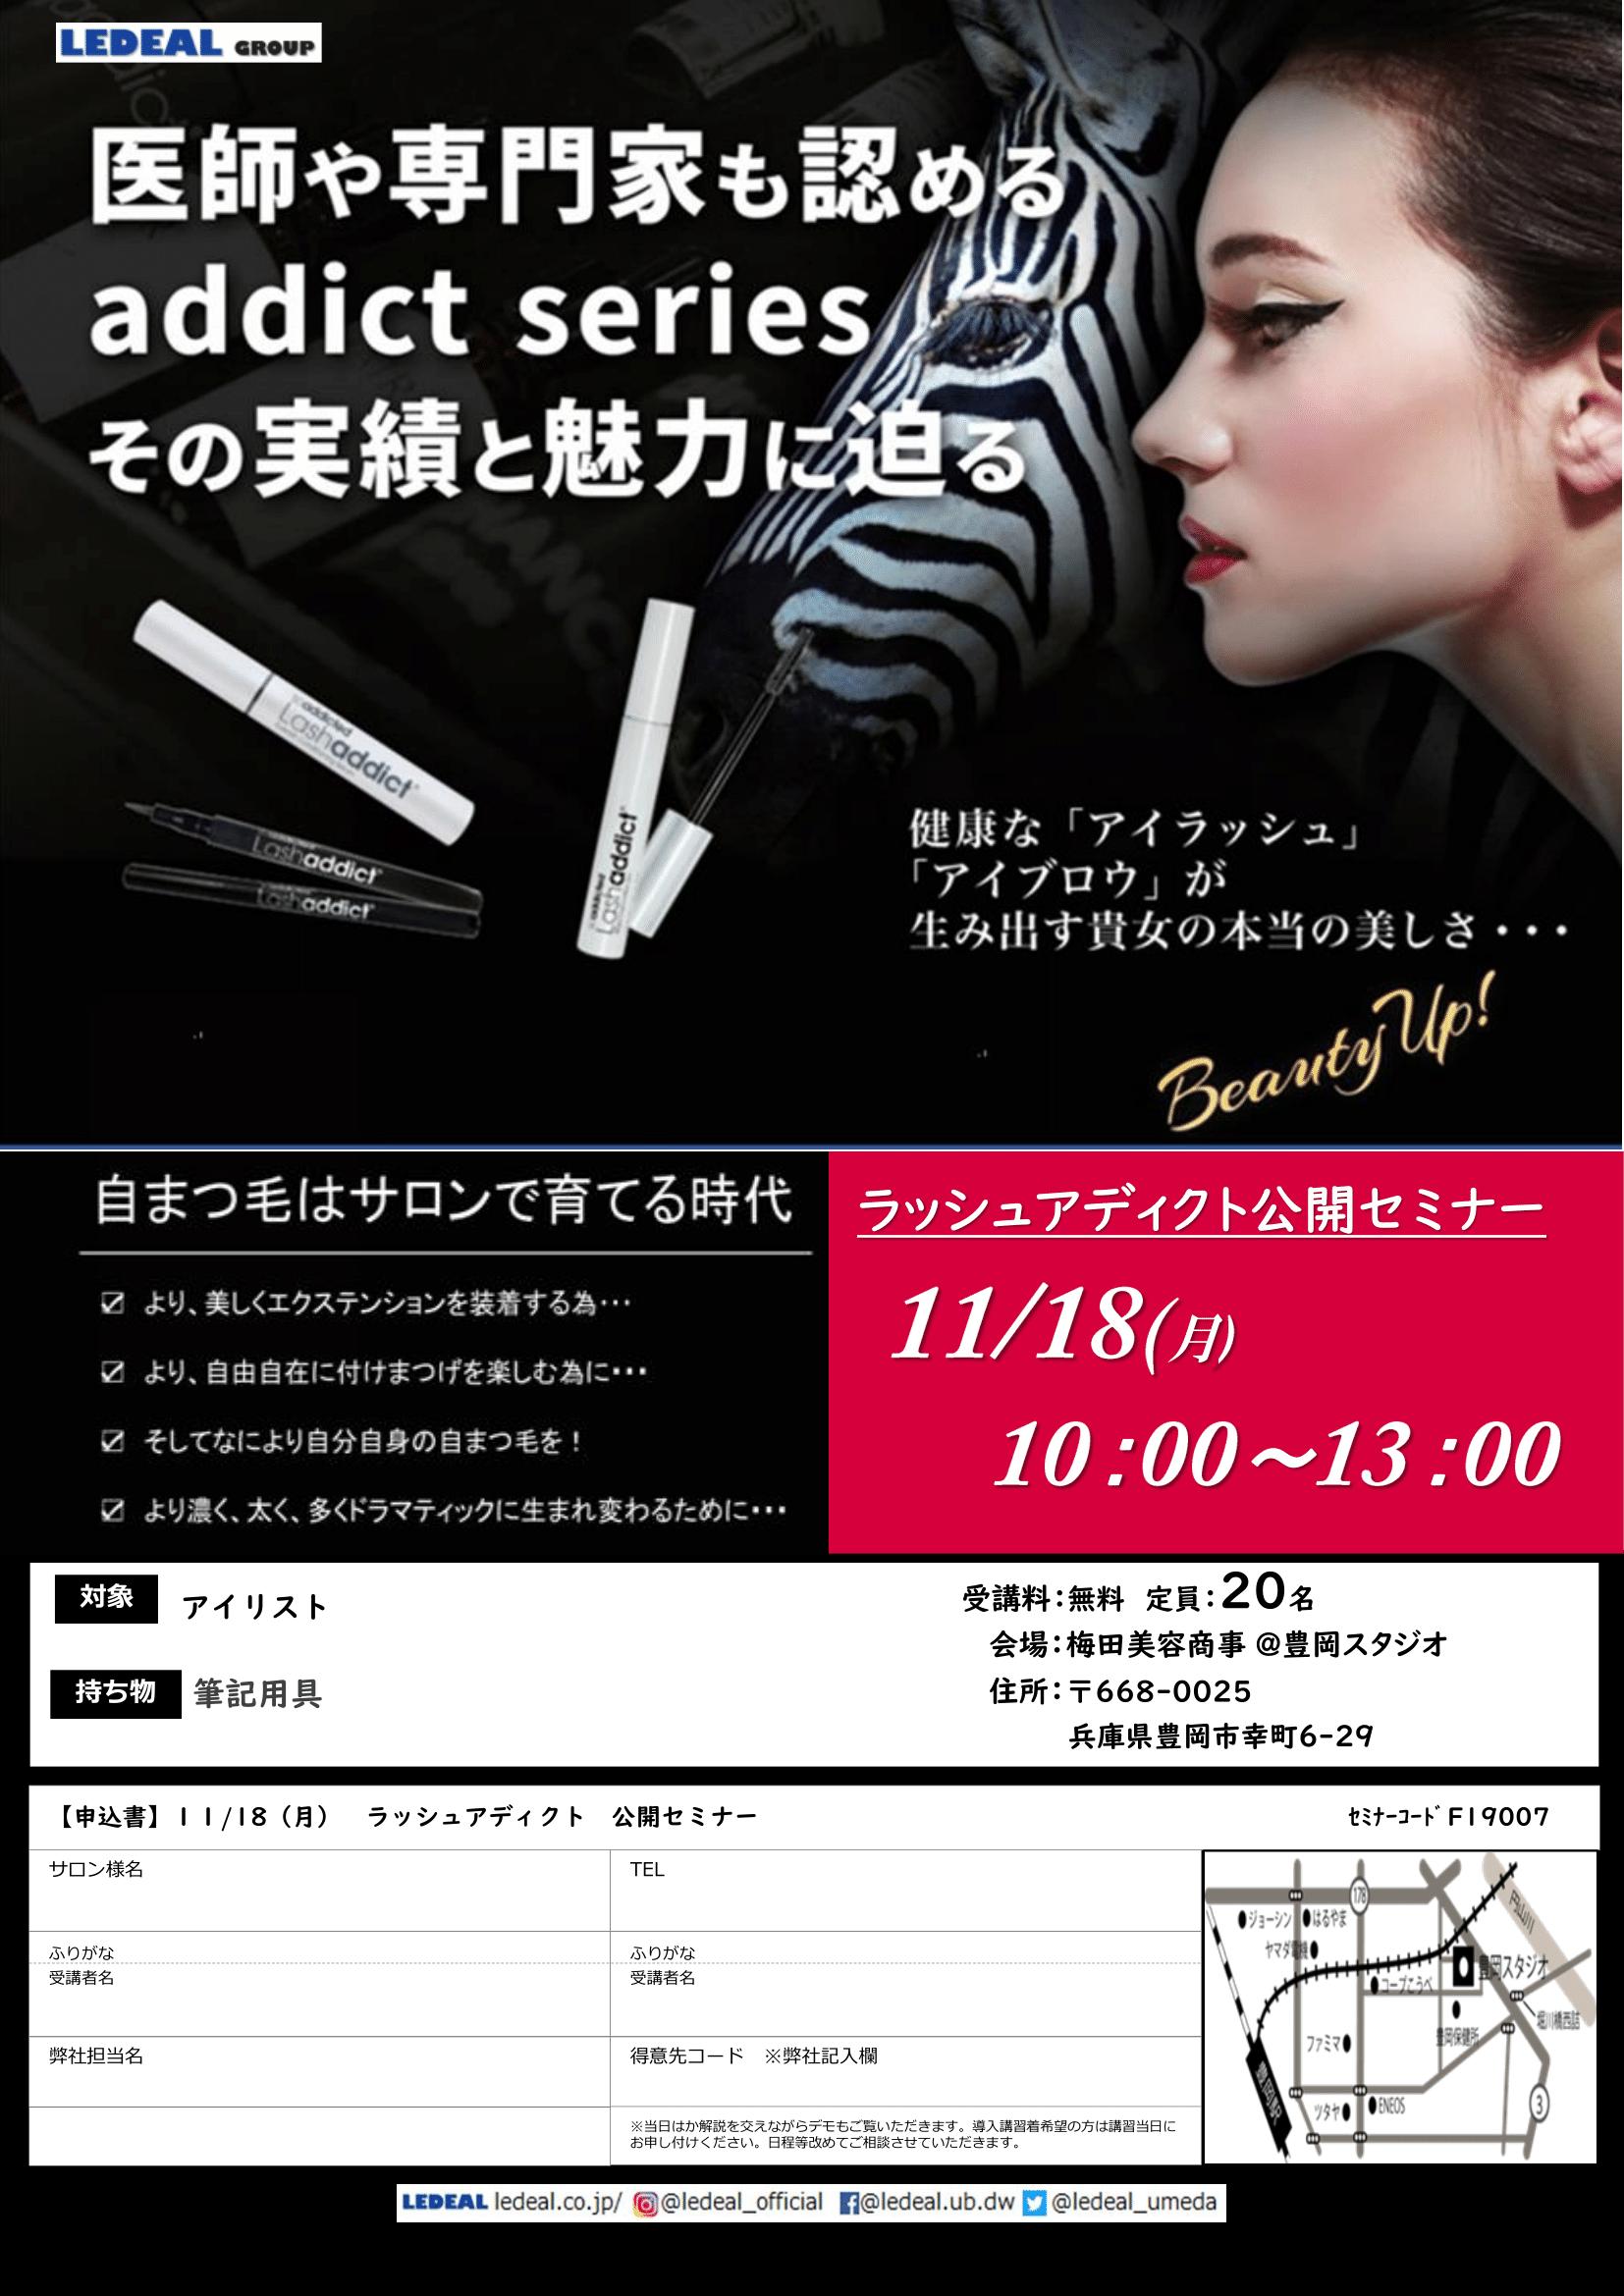 【豊岡】ラッシュアディクト公開セミナー